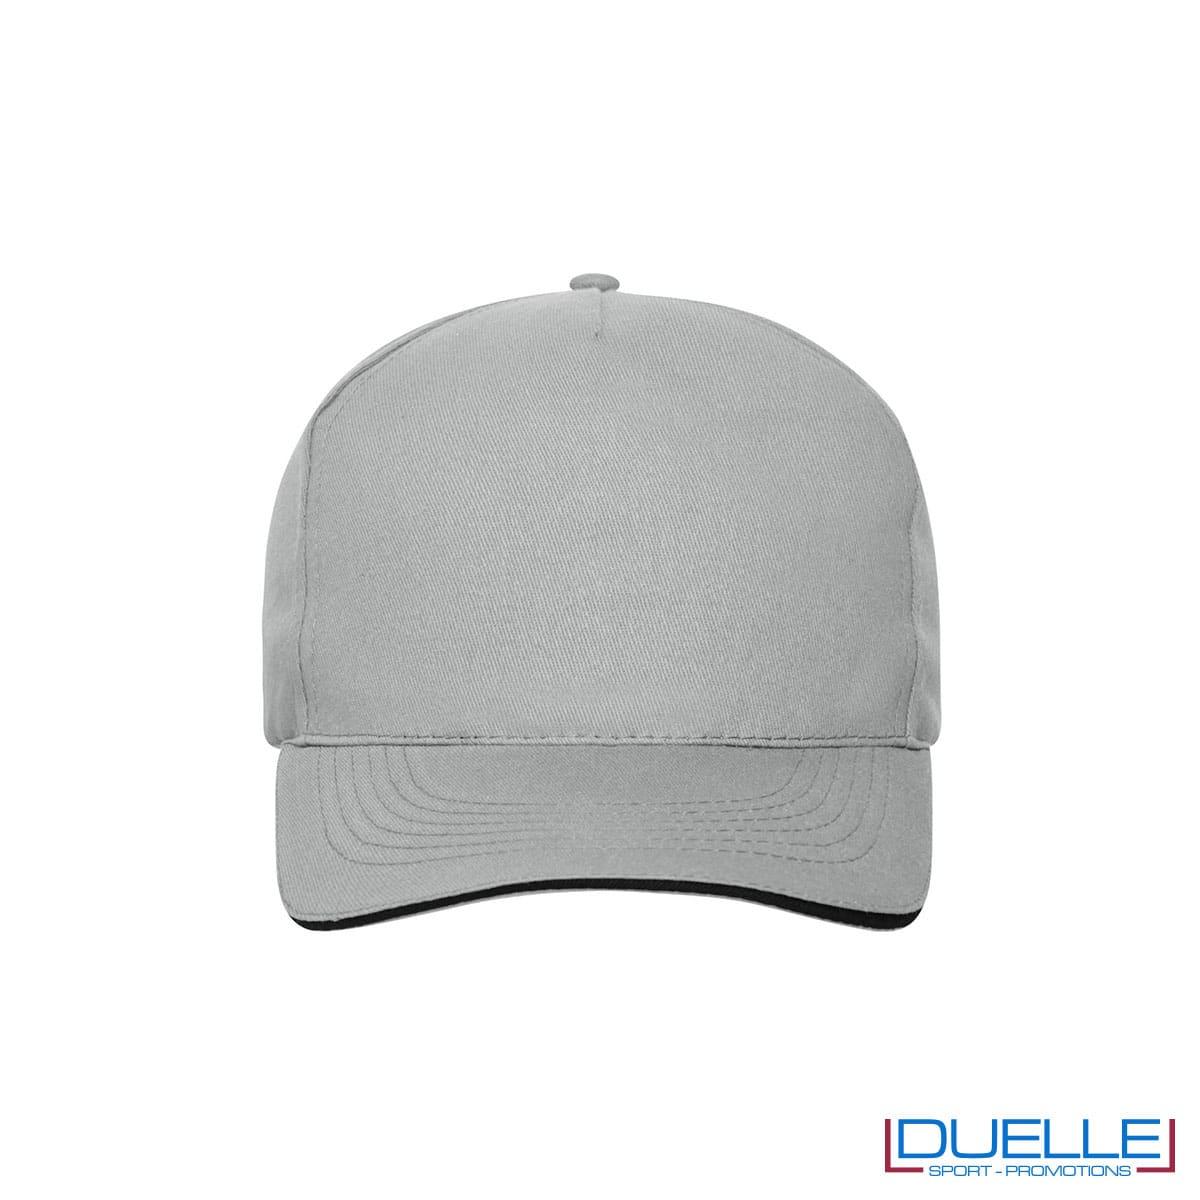 Cappello 100% cotone organico 5 pannelli colore grigio personalizzato